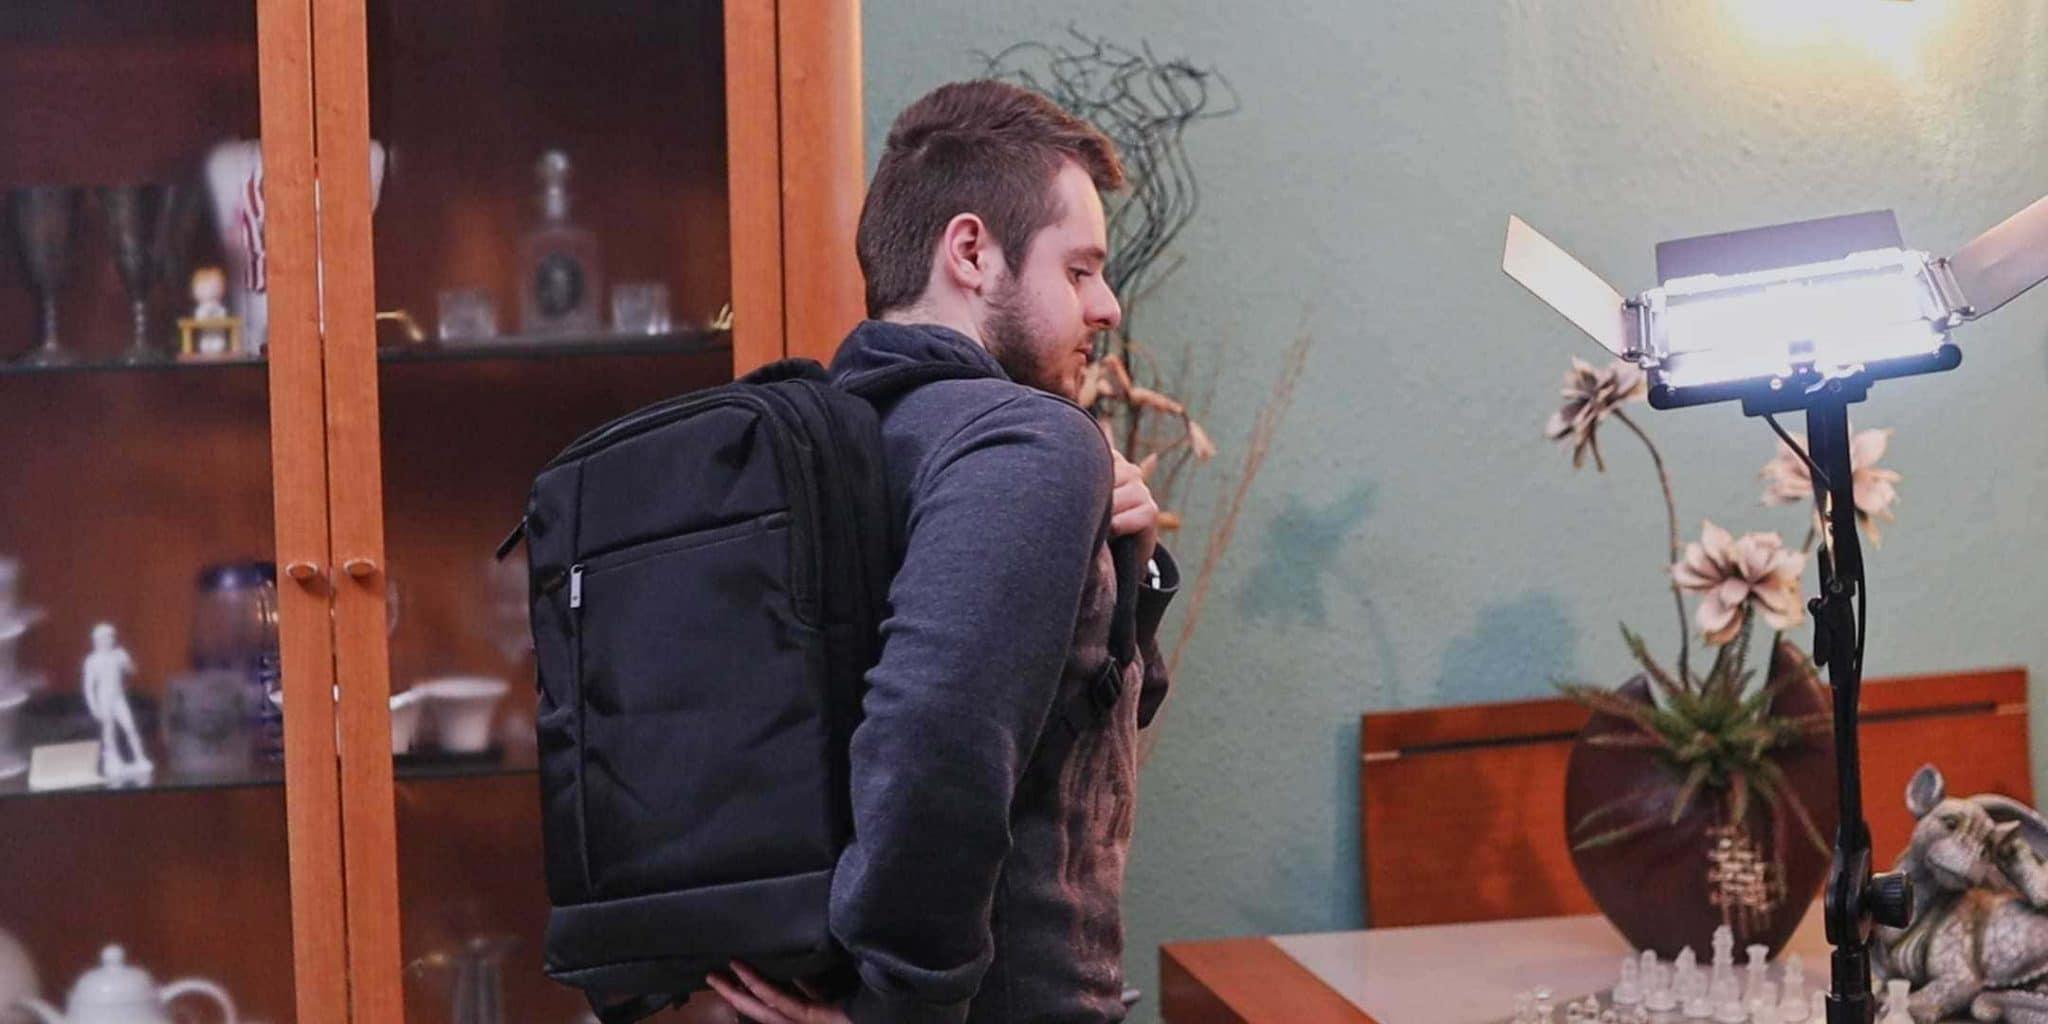 diseño-mochila-xiaomi-classic-17l-portatil-15-pulgadas